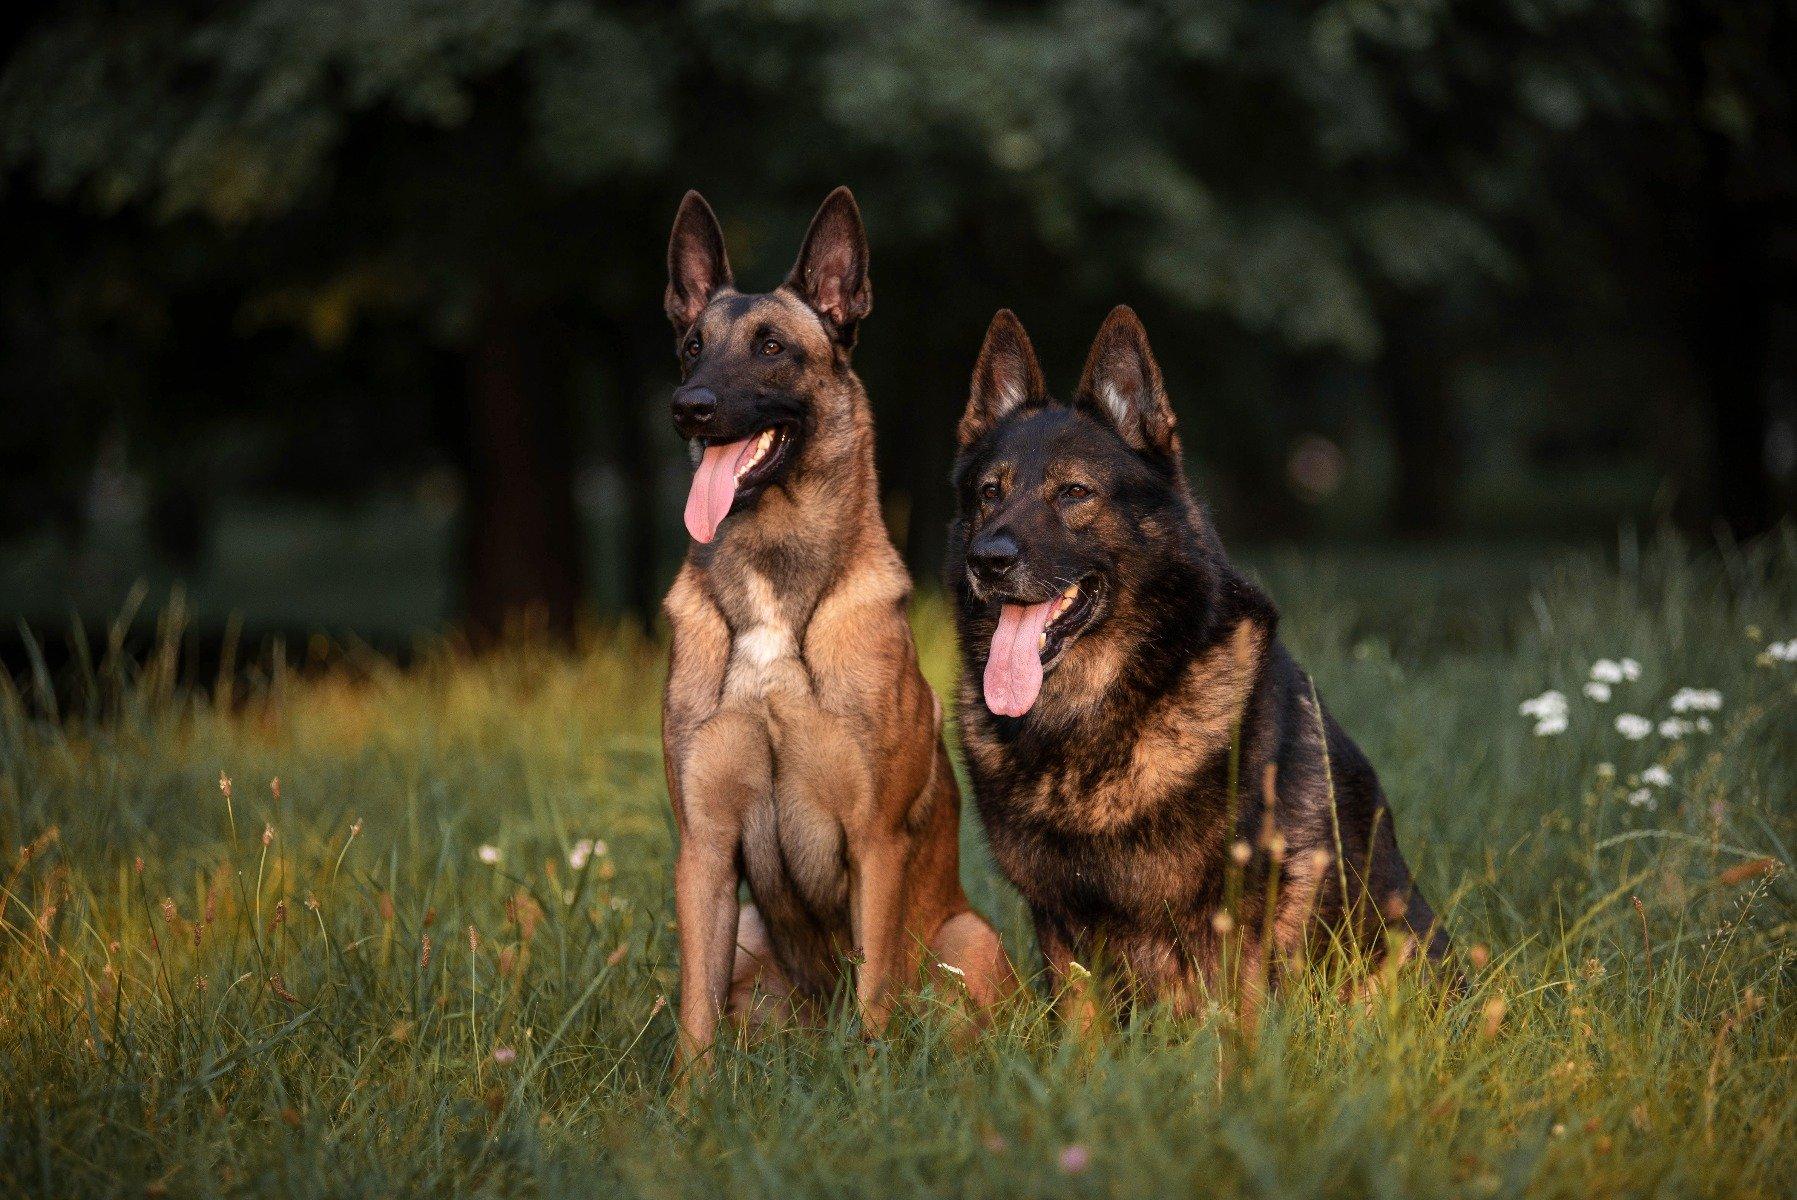 Zwei belgische Schäferhunde sitzen im Gras